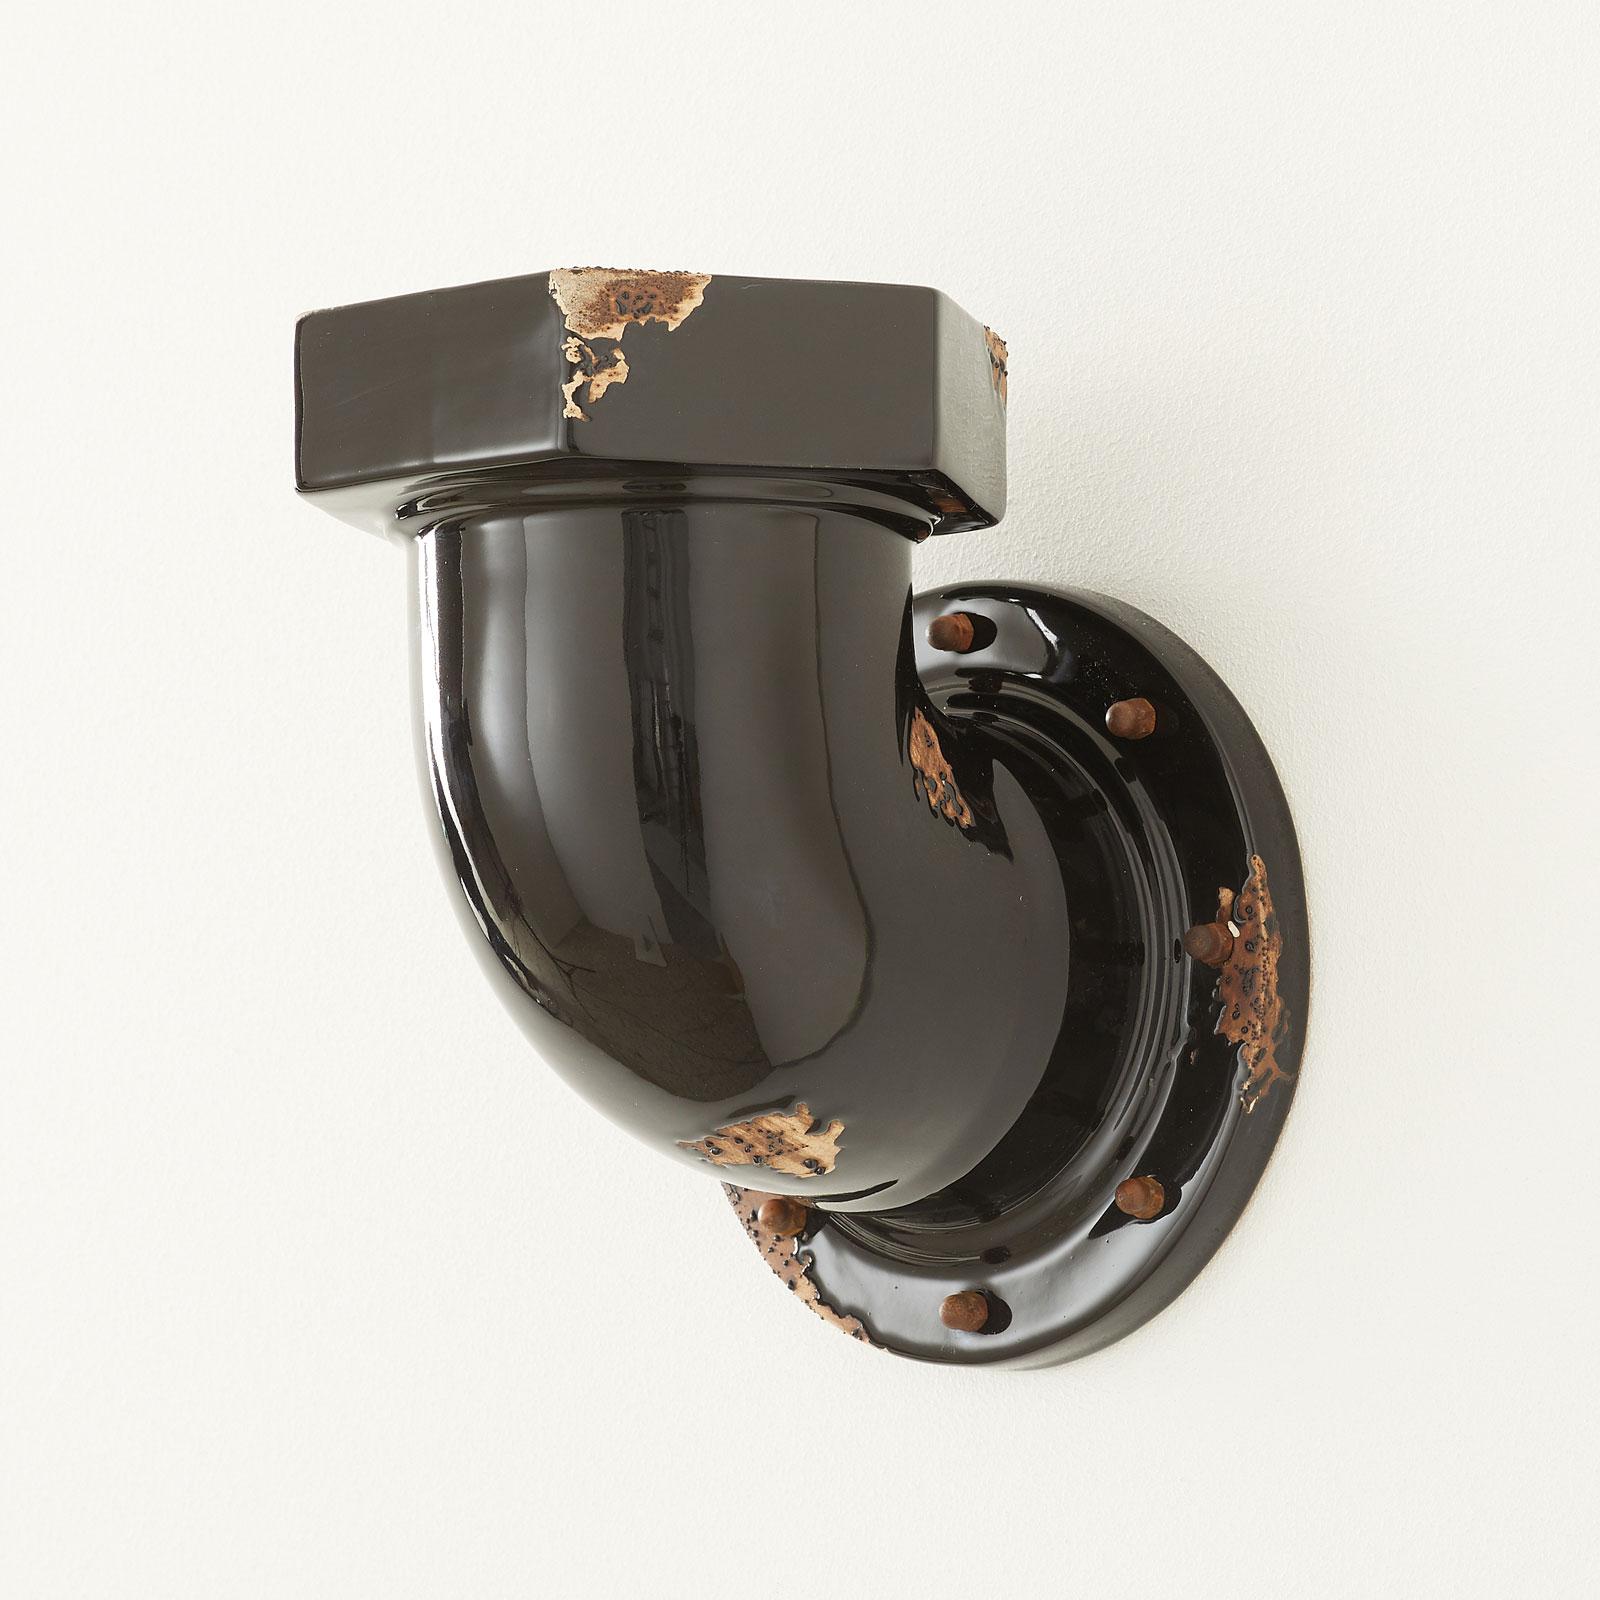 Wandlamp C1810 in buisvorm, zwart